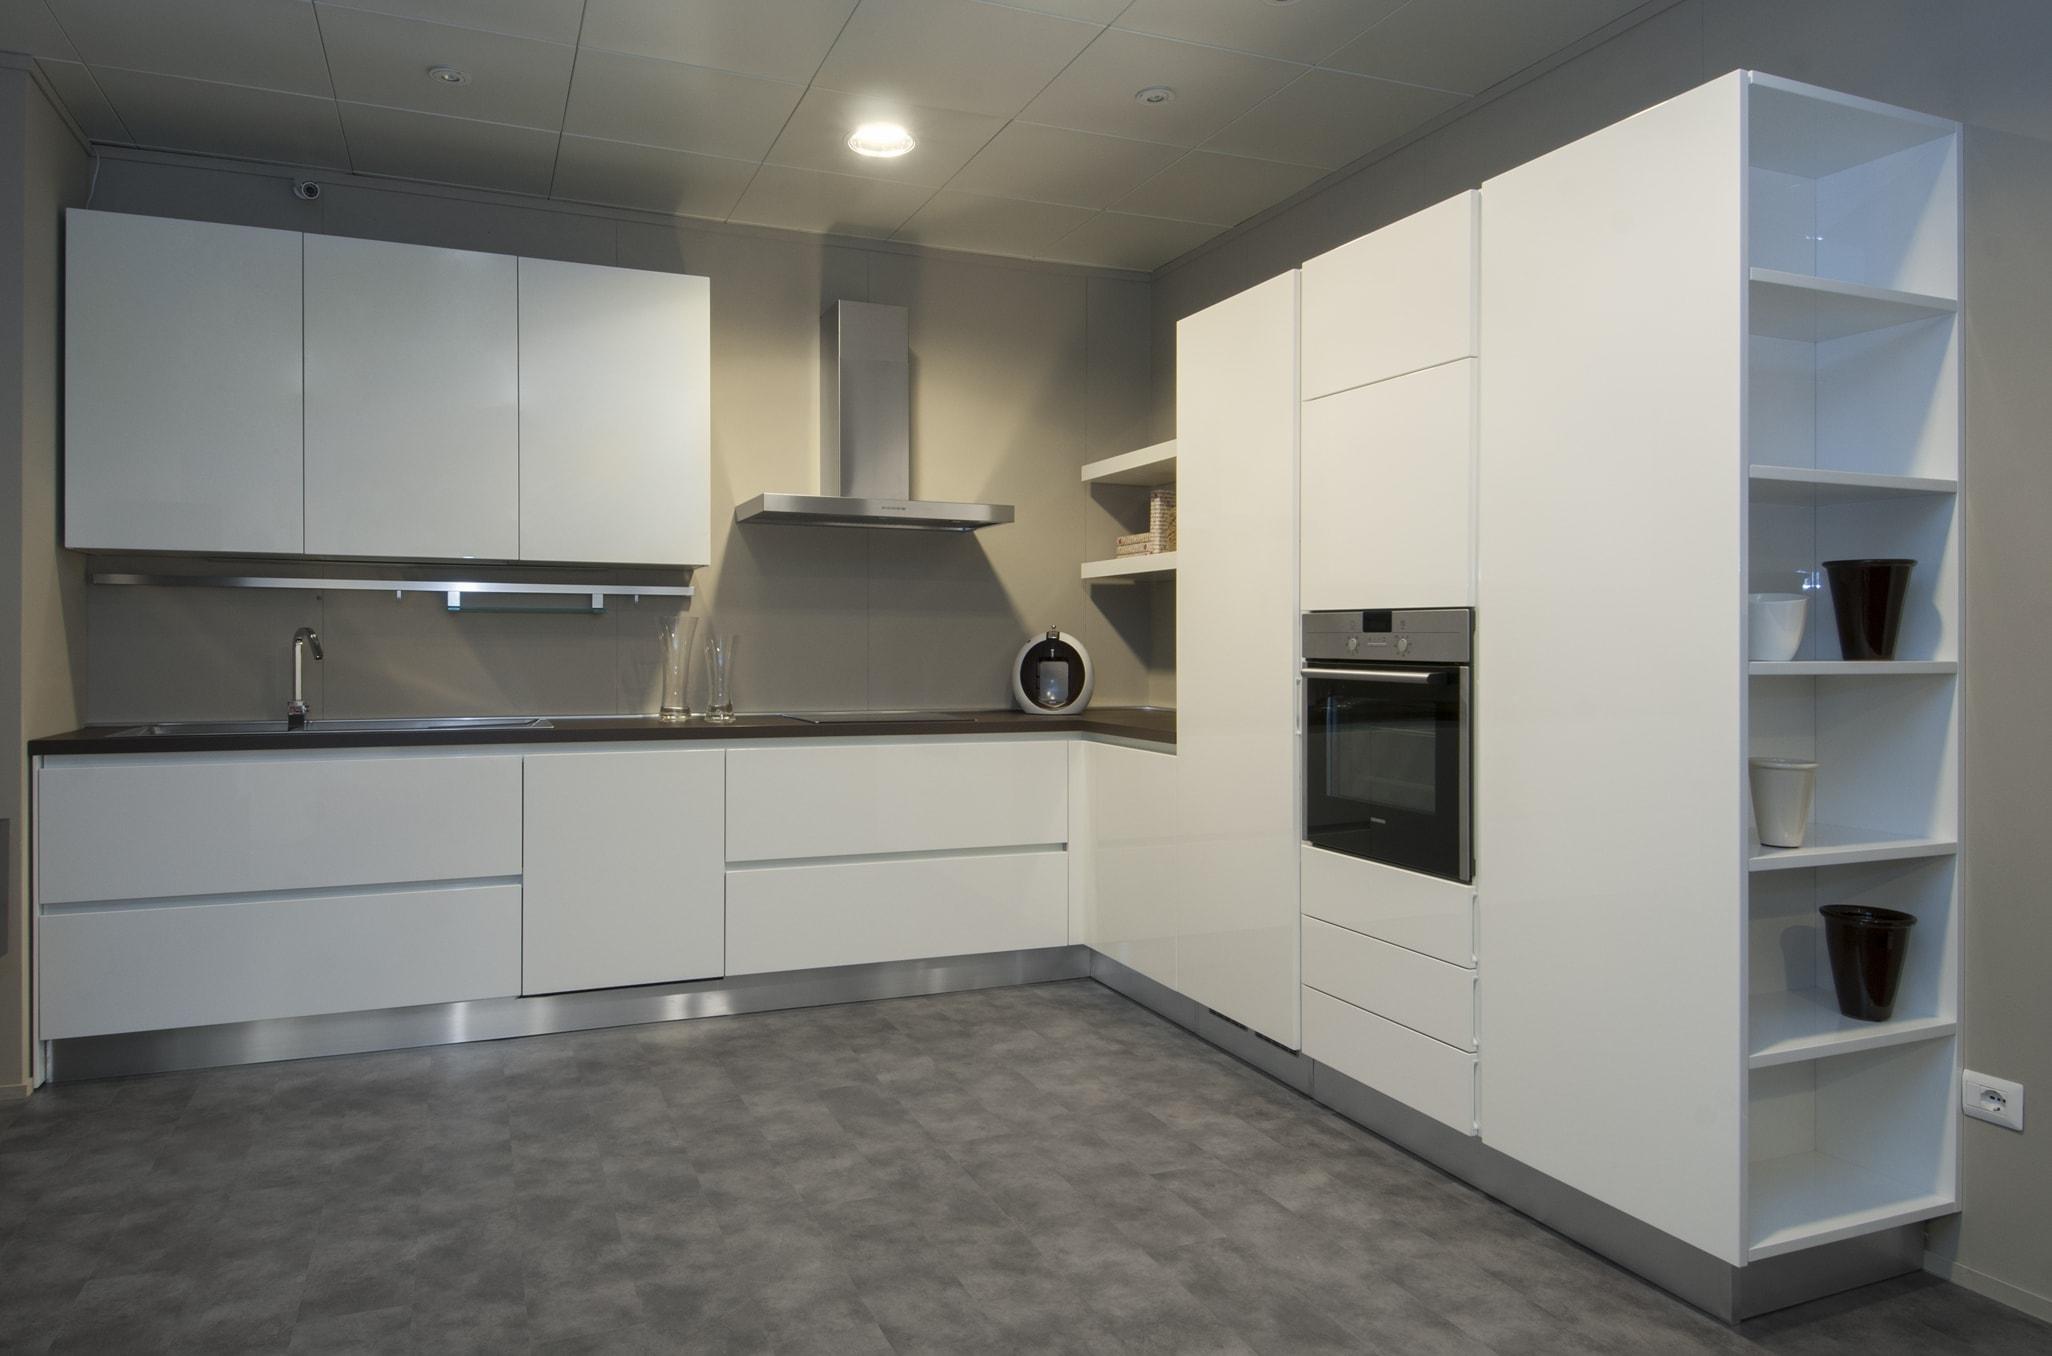 Berloni cucine cucina b50 design laccato lucido bianca cucine a prezzi scontati - Cucina tutta bianca ...